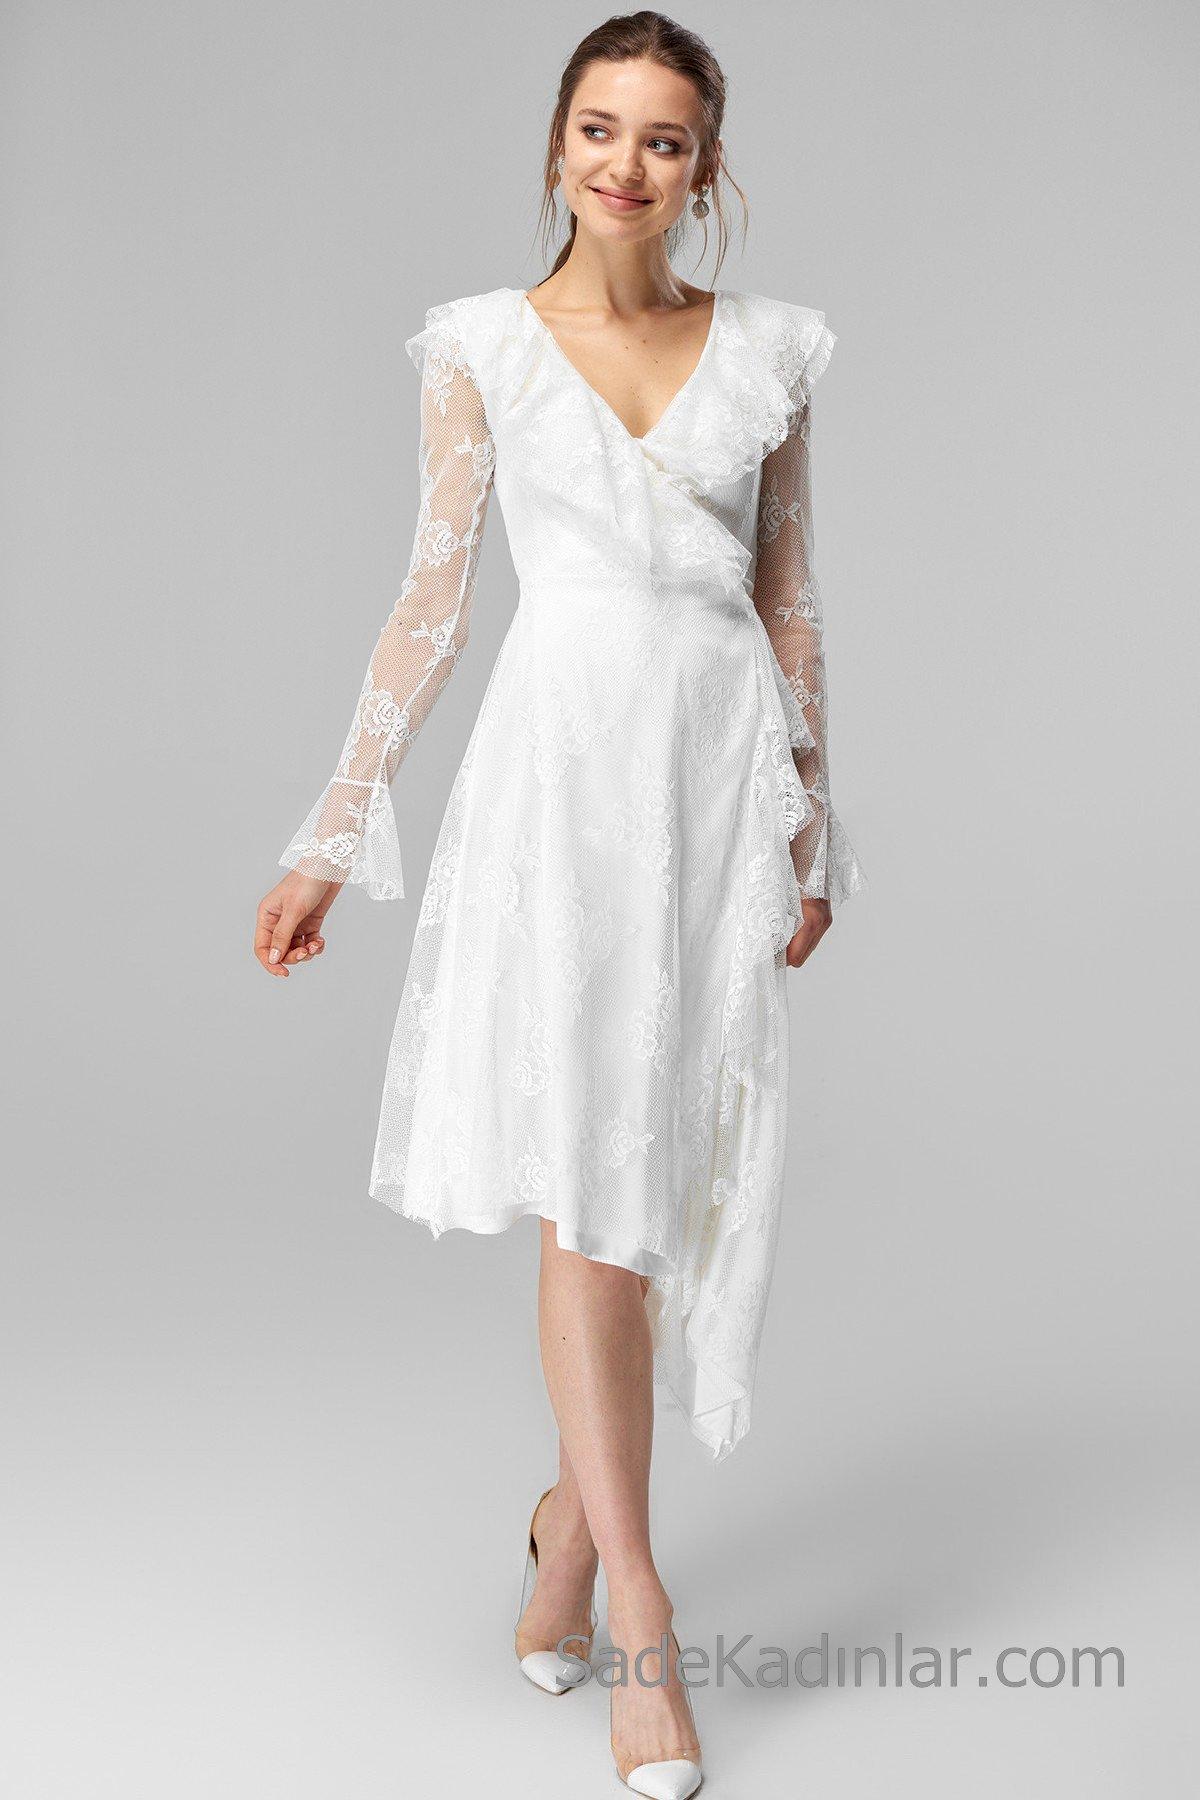 Dantel Elbise Modelleri Beyaz Midi V YAkalı Uzun Kol